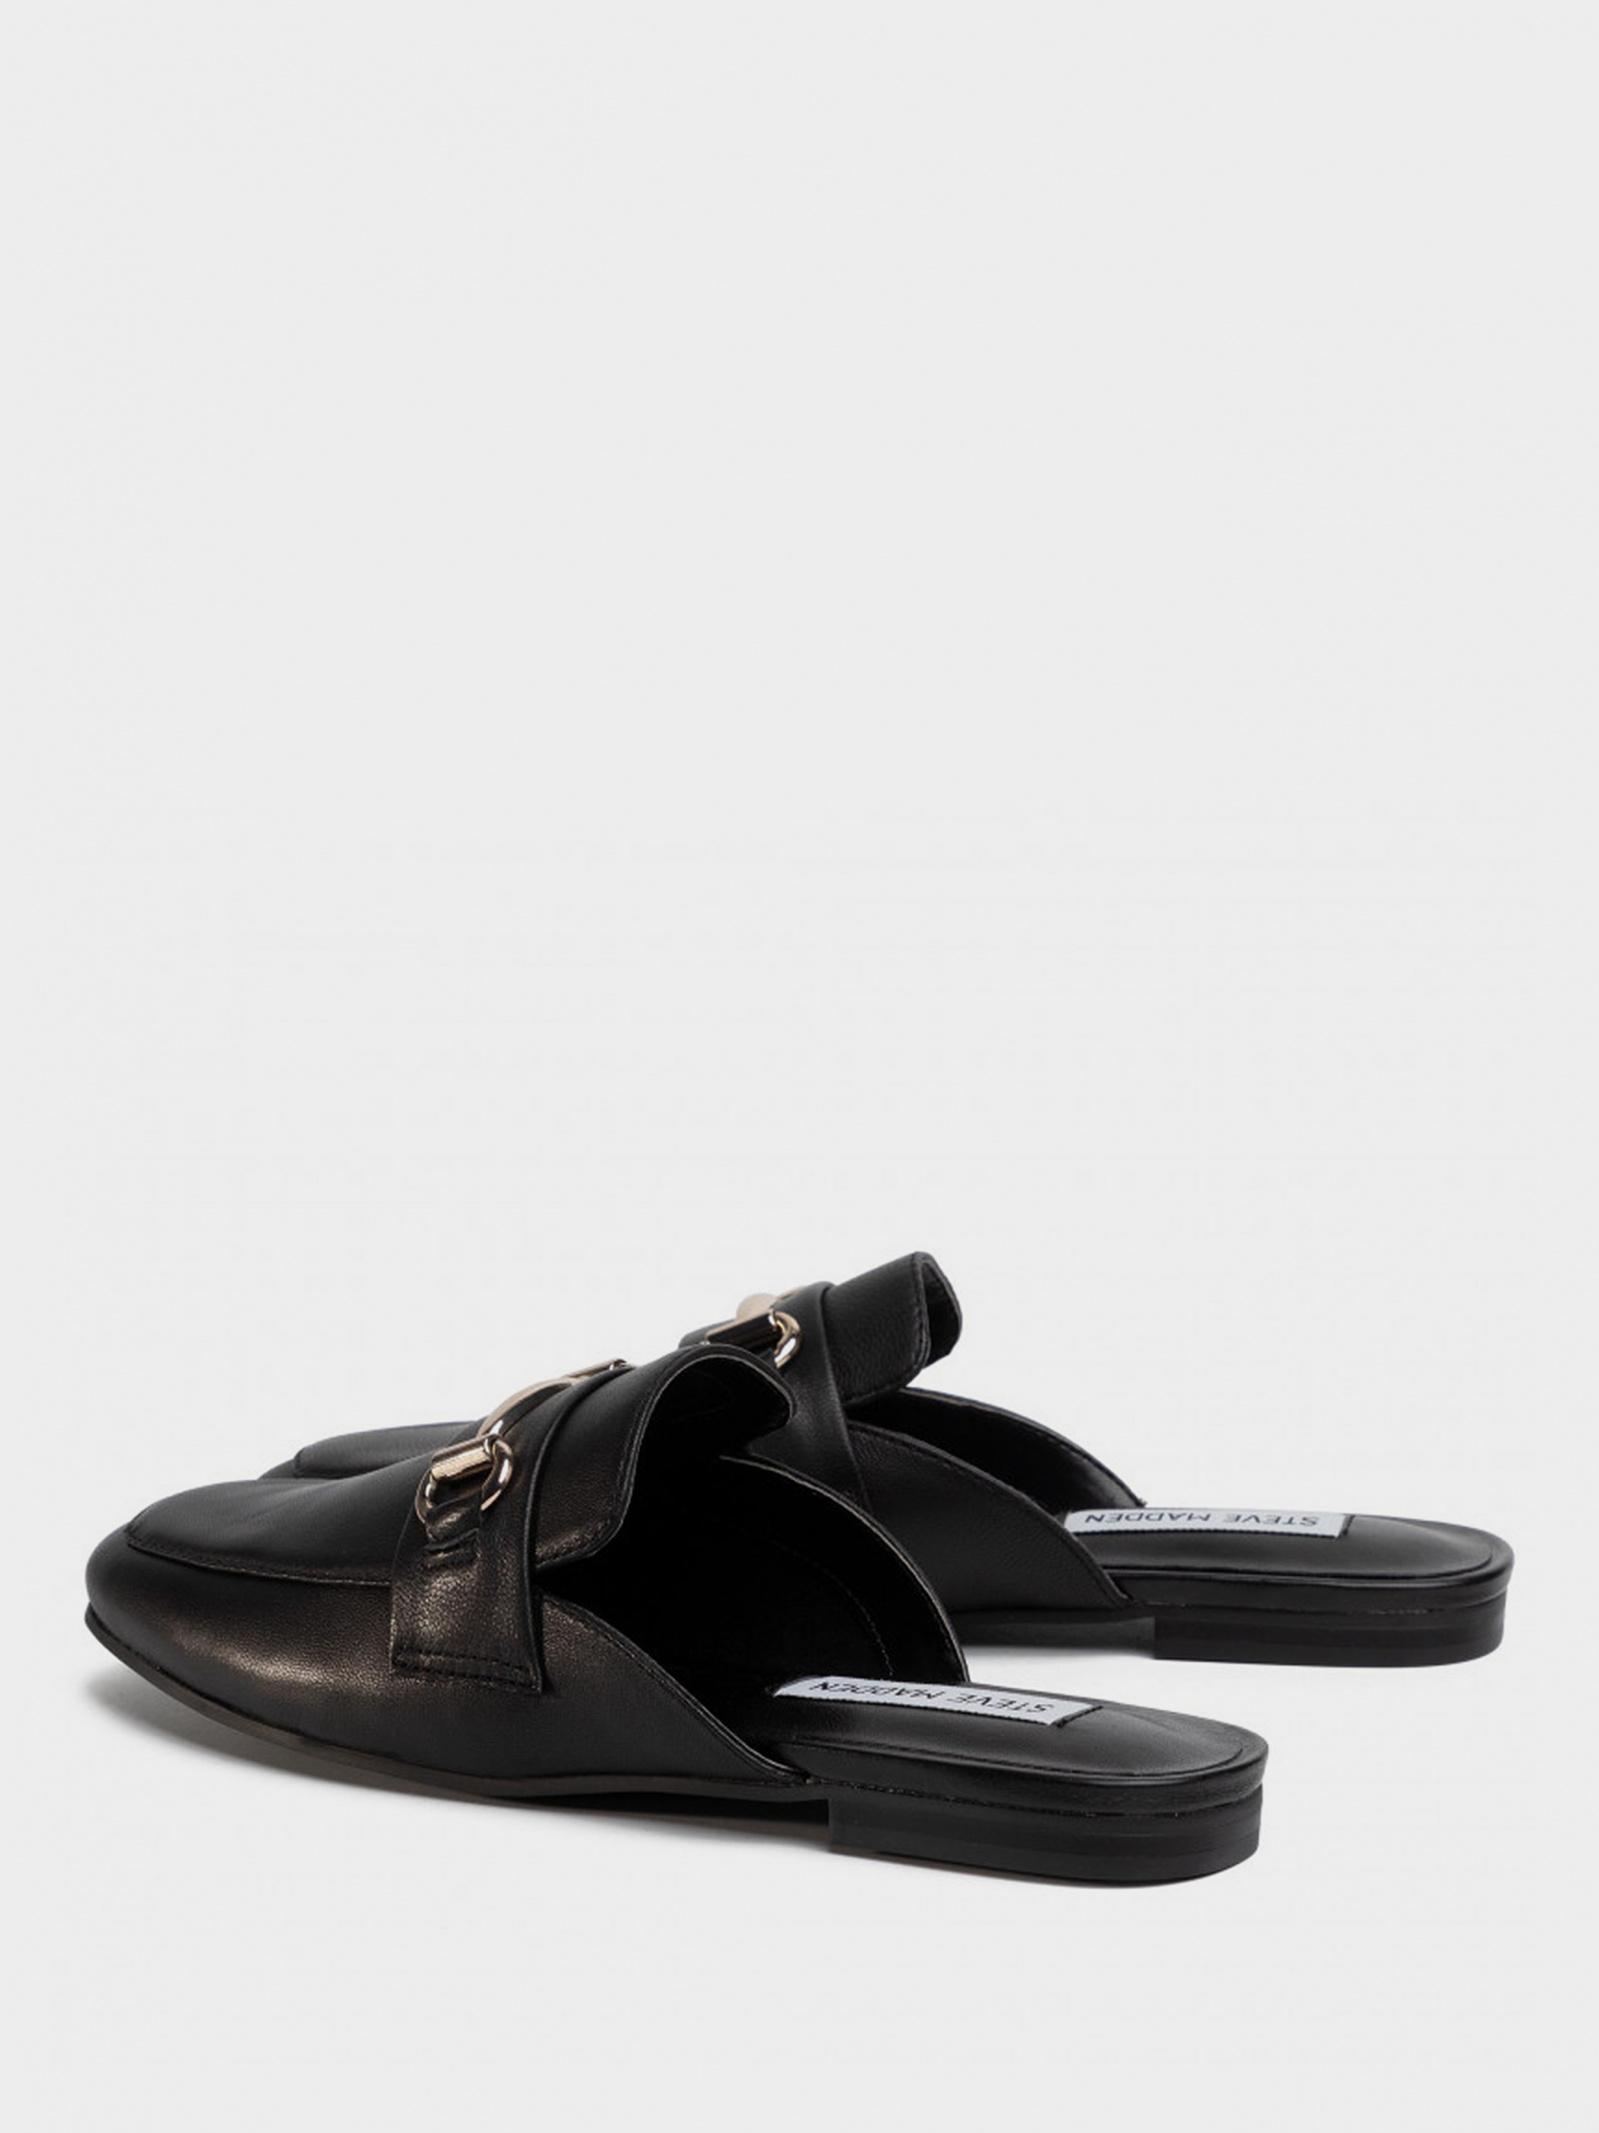 Шльопанці  жіночі Steve Madden KORI SM11000935 BLACK LEATHER брендове взуття, 2017